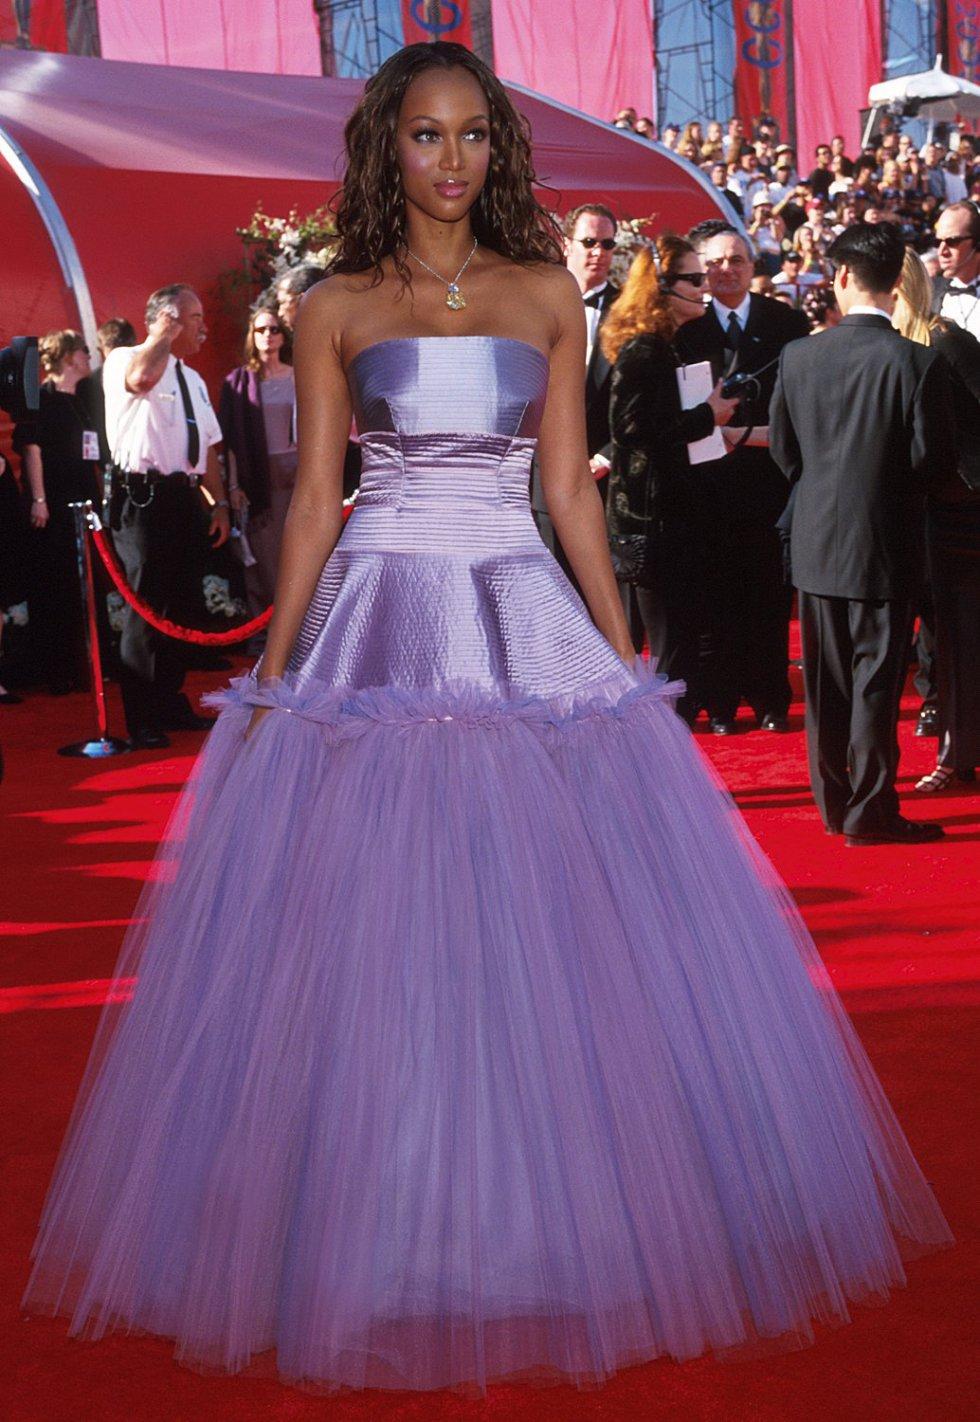 La modelo Tyra Banks en el año 2000.